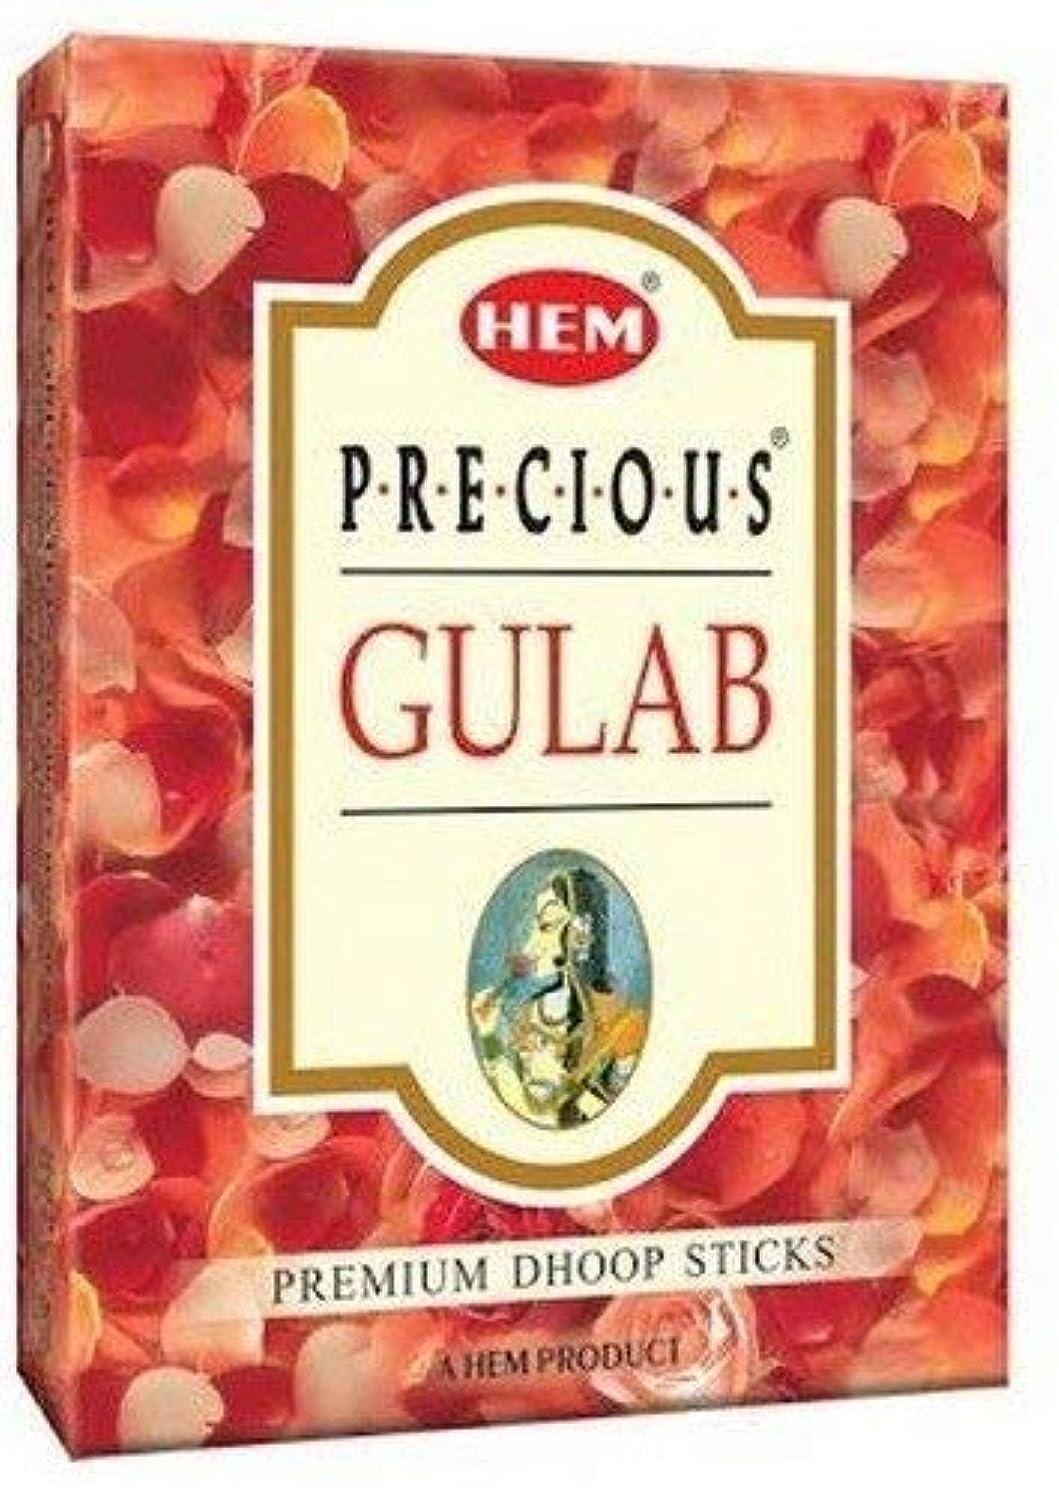 増強する移民木Hem Precious Gulab Dhoop - 75 g